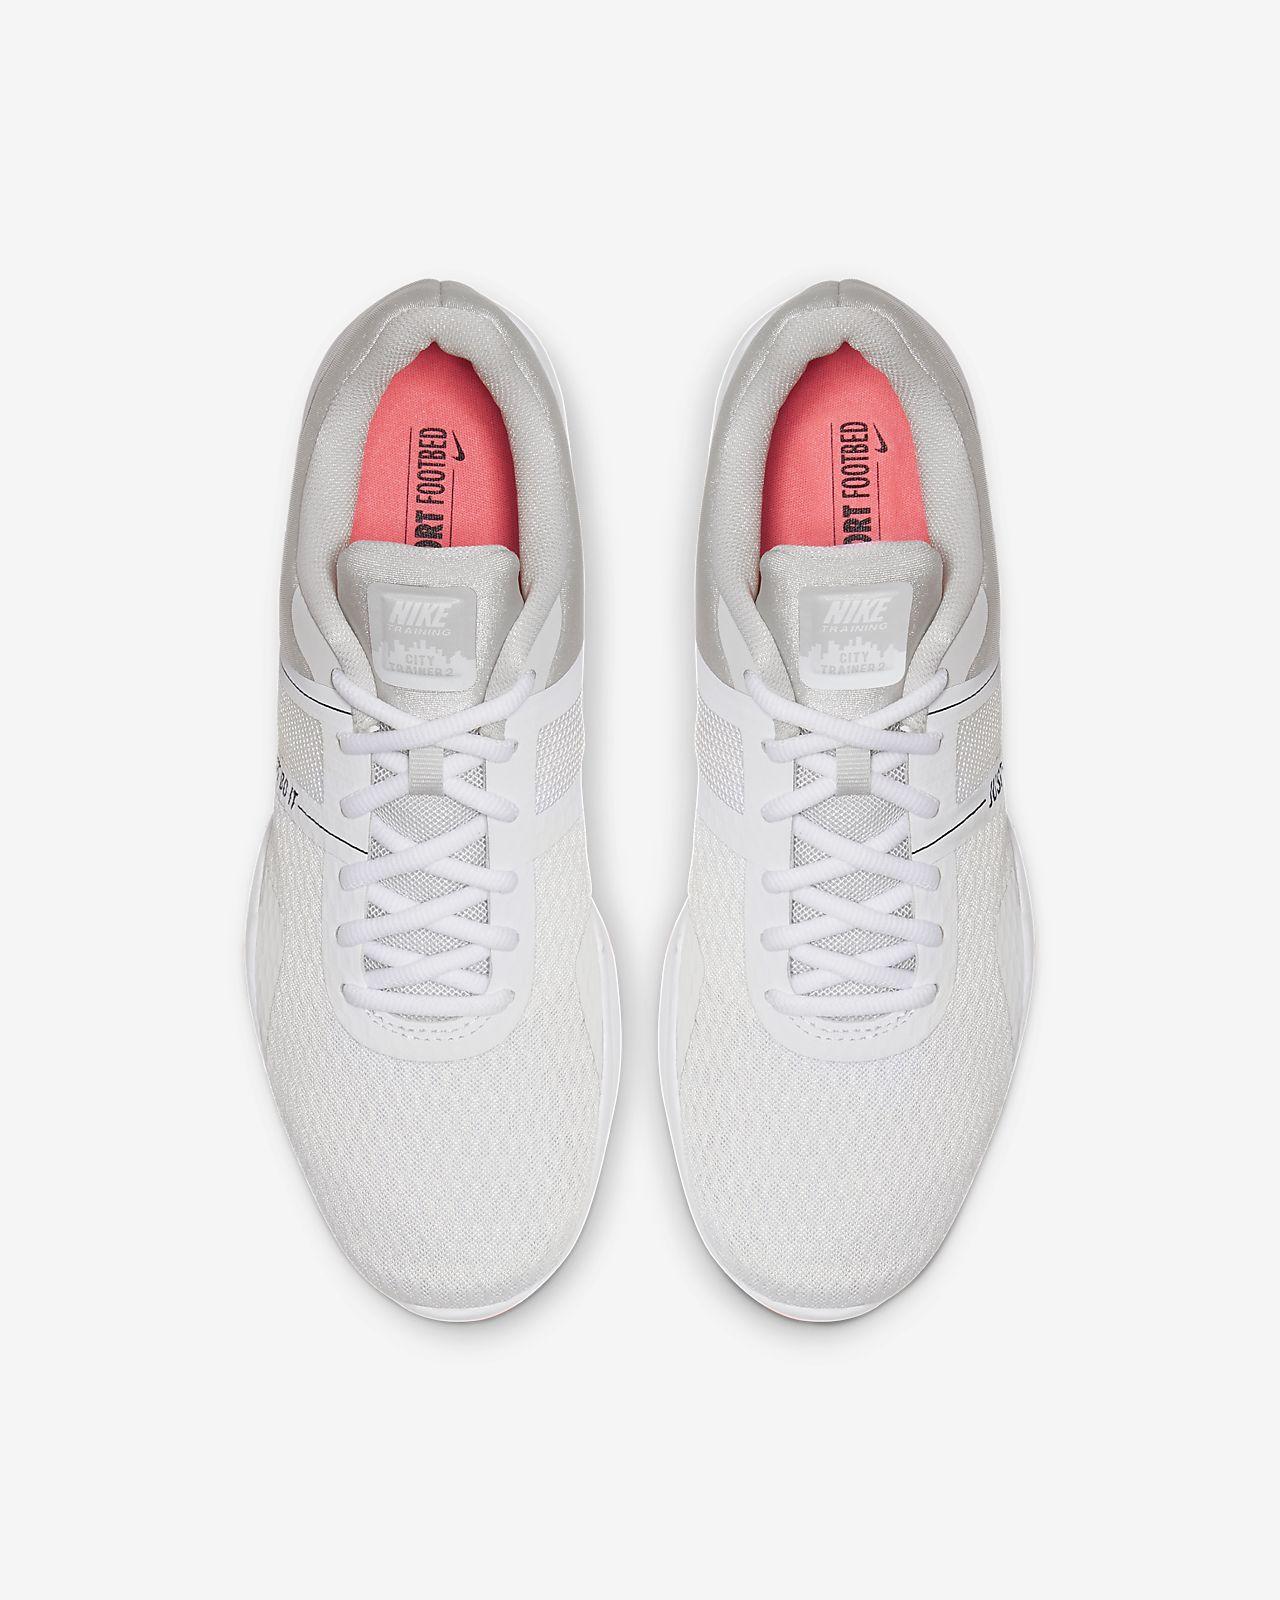 Populære merker Nike Performance menn AIR MAX TRAINER 1